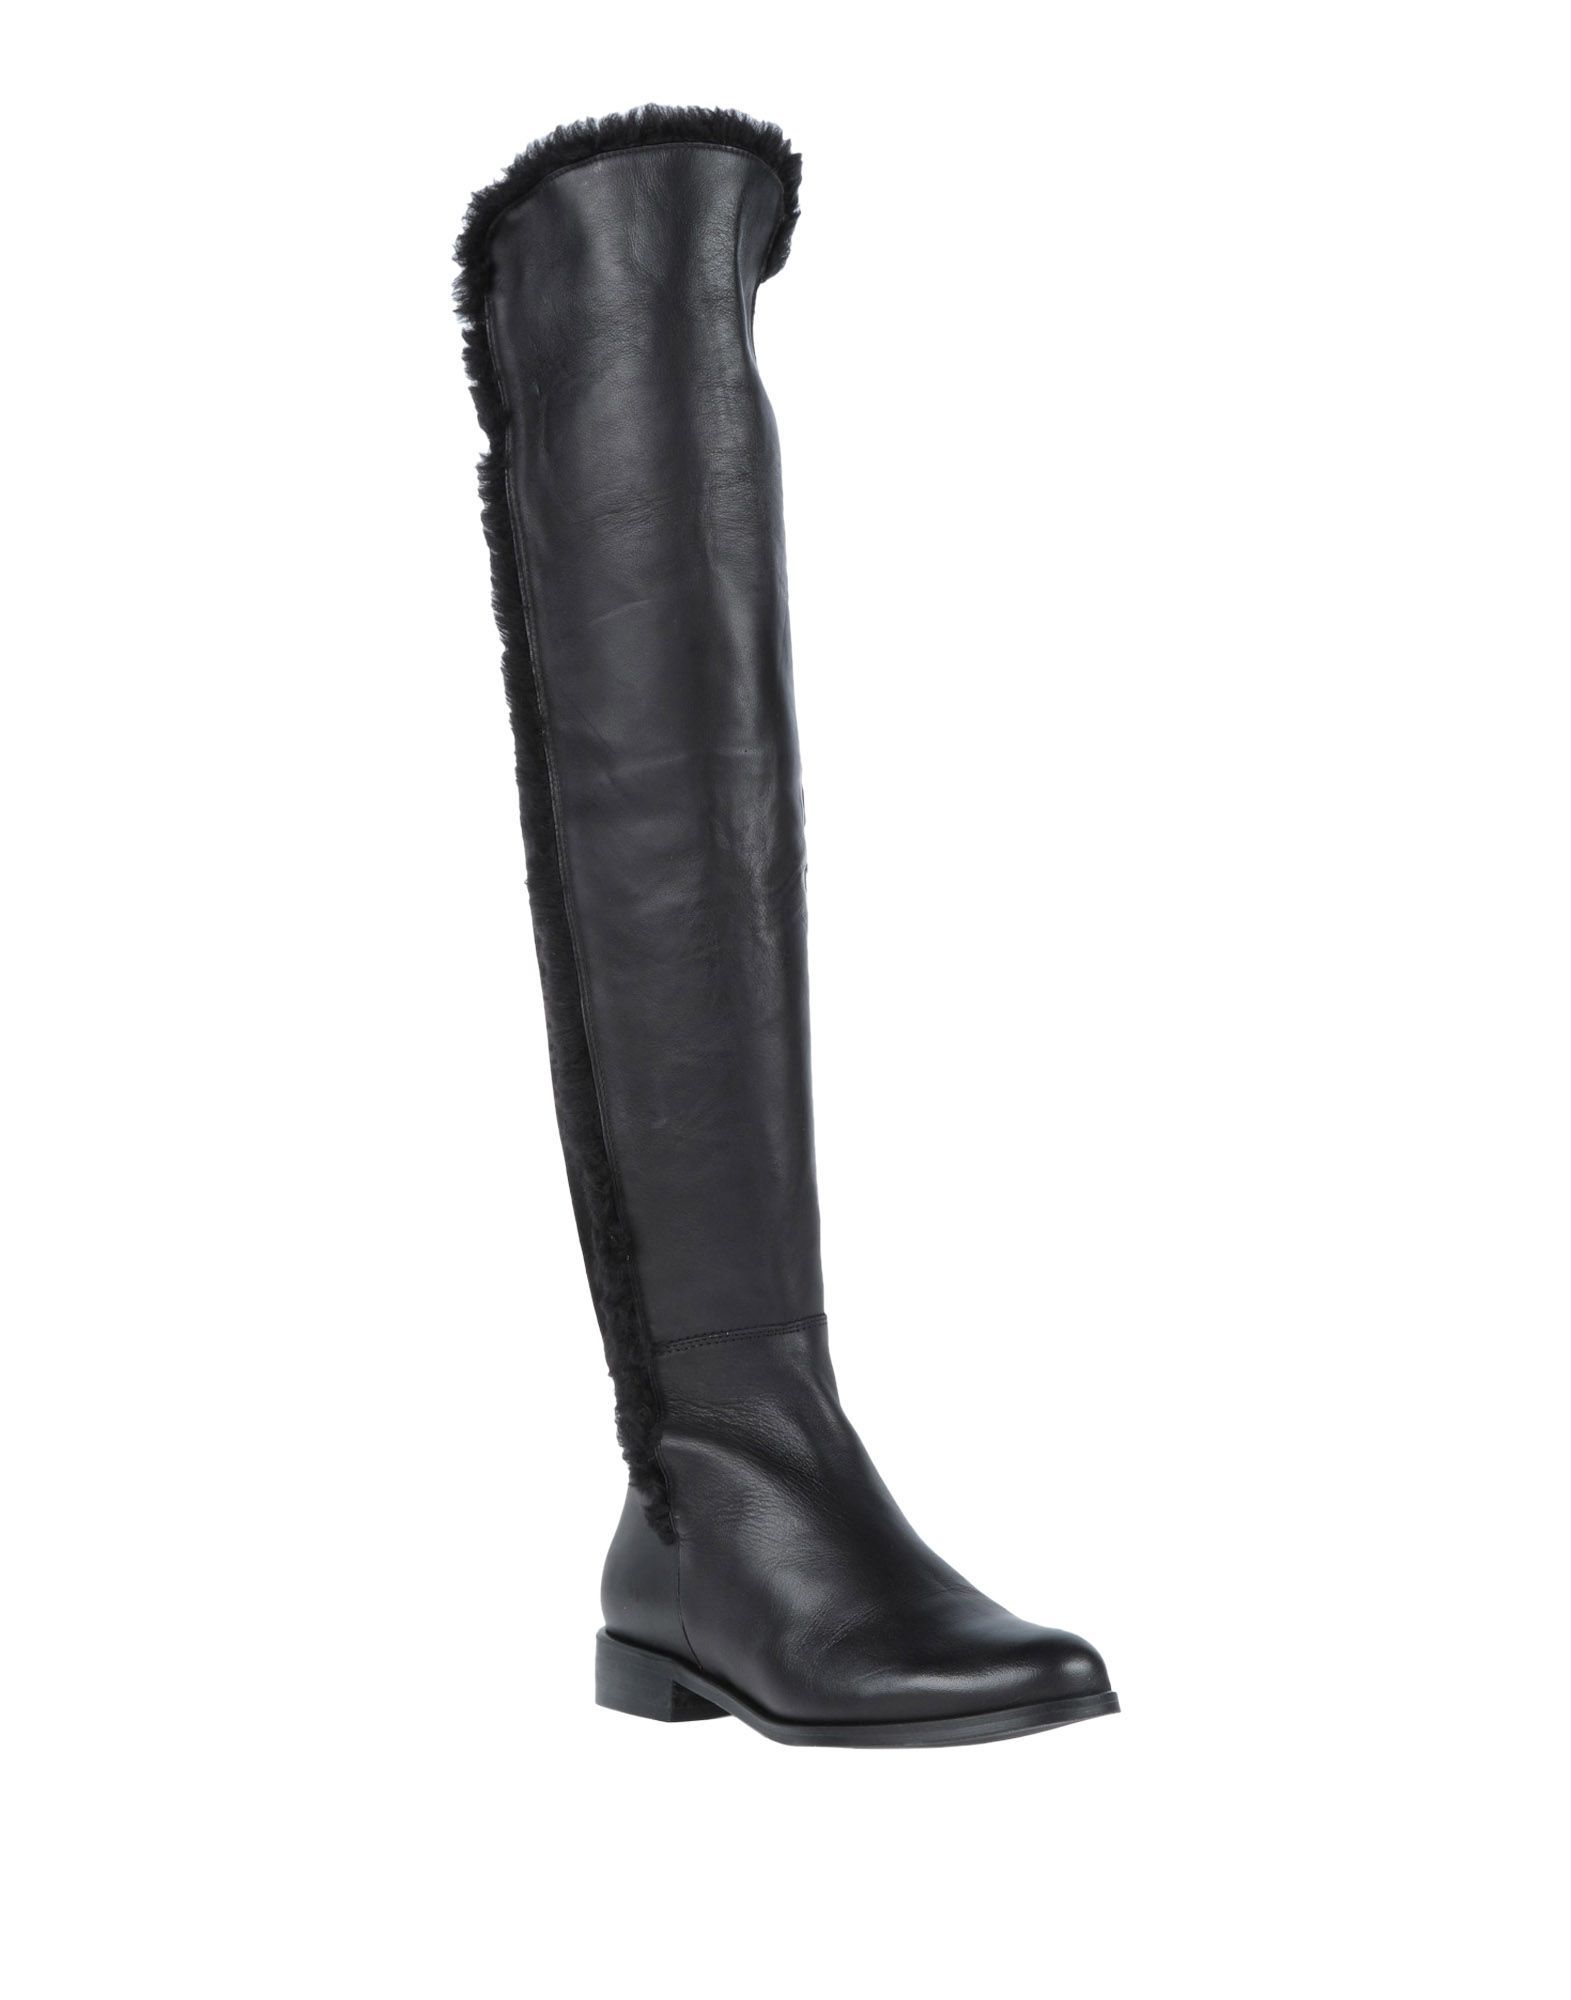 Footwear Marian Black Women's Leather